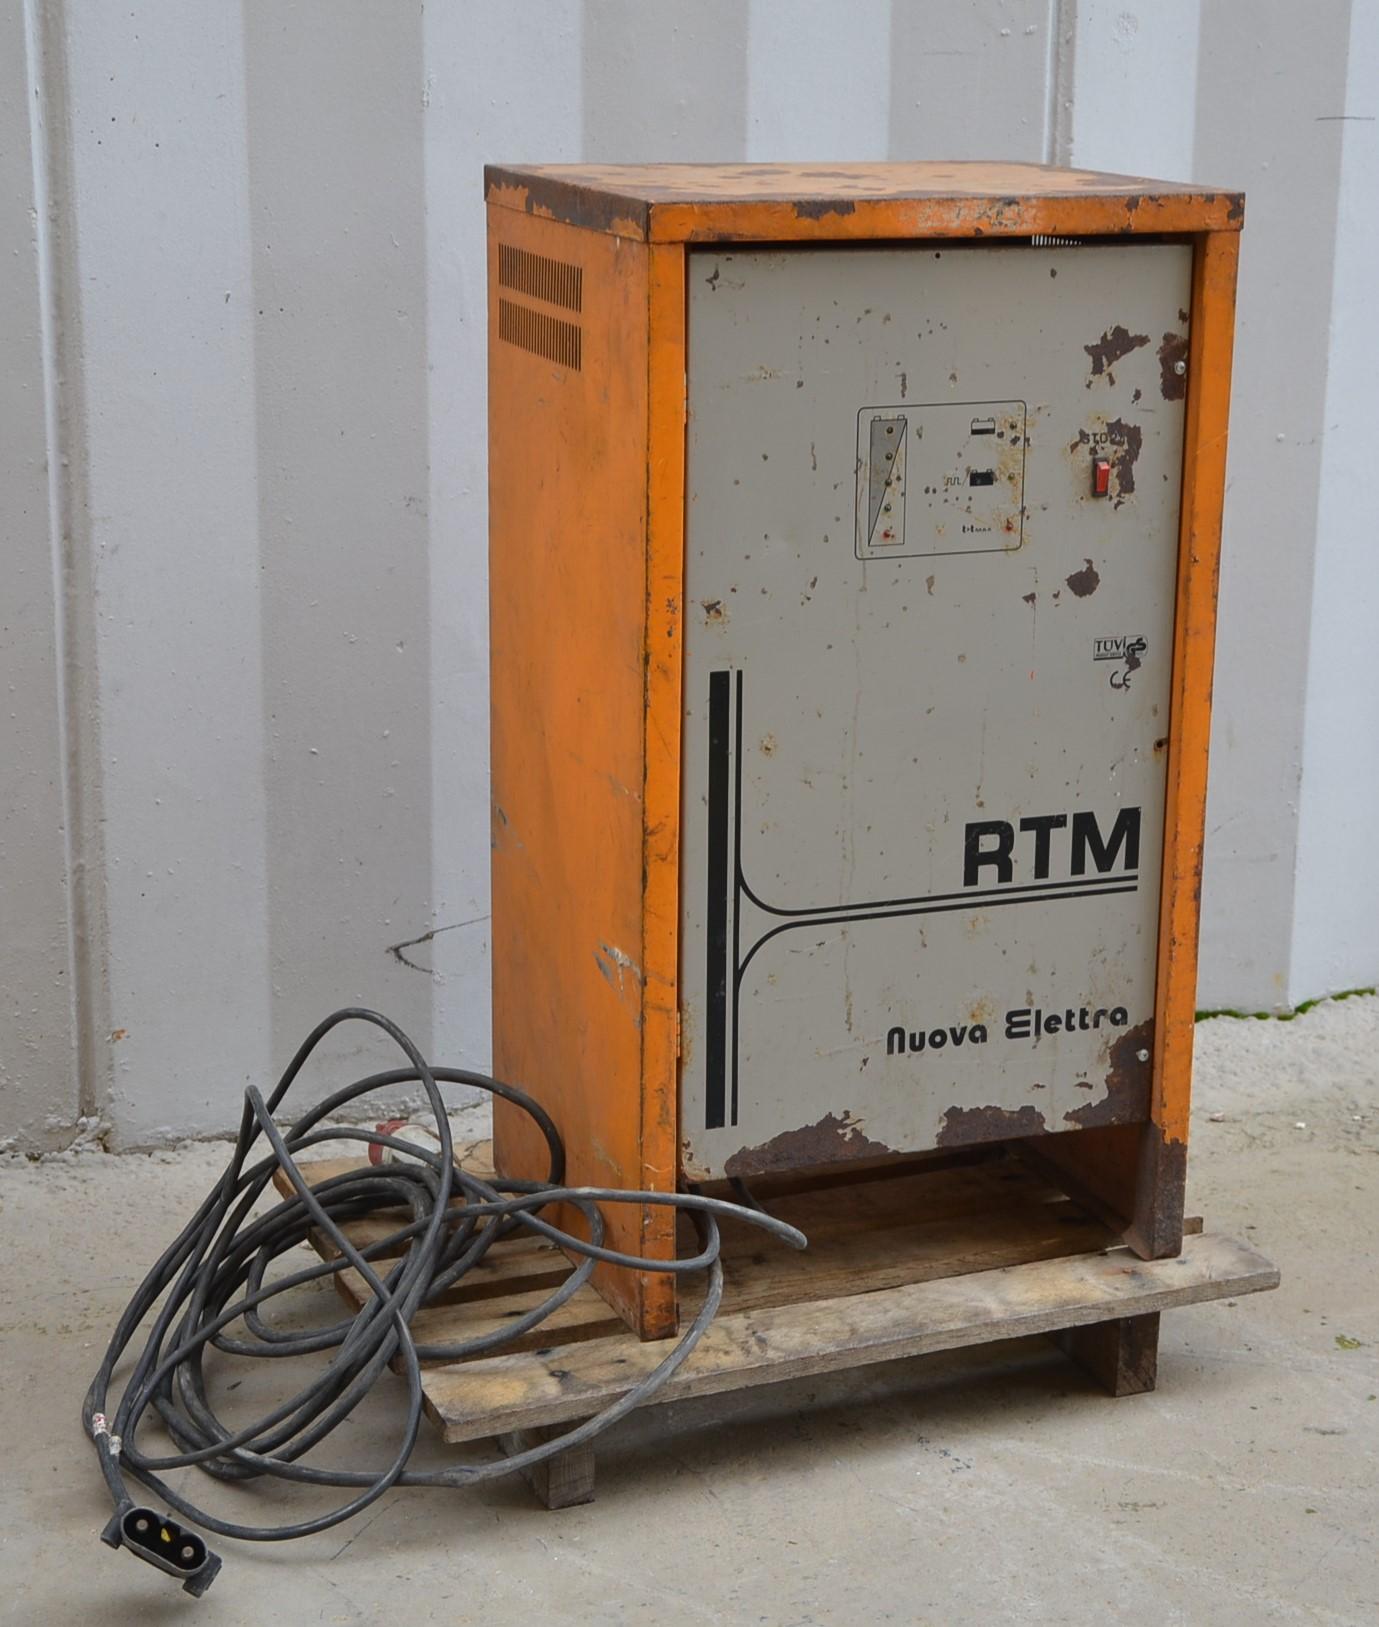 Caricabatterie 72V - Nuova Elettra mod. RTM TRIF. in vendita - foto 2